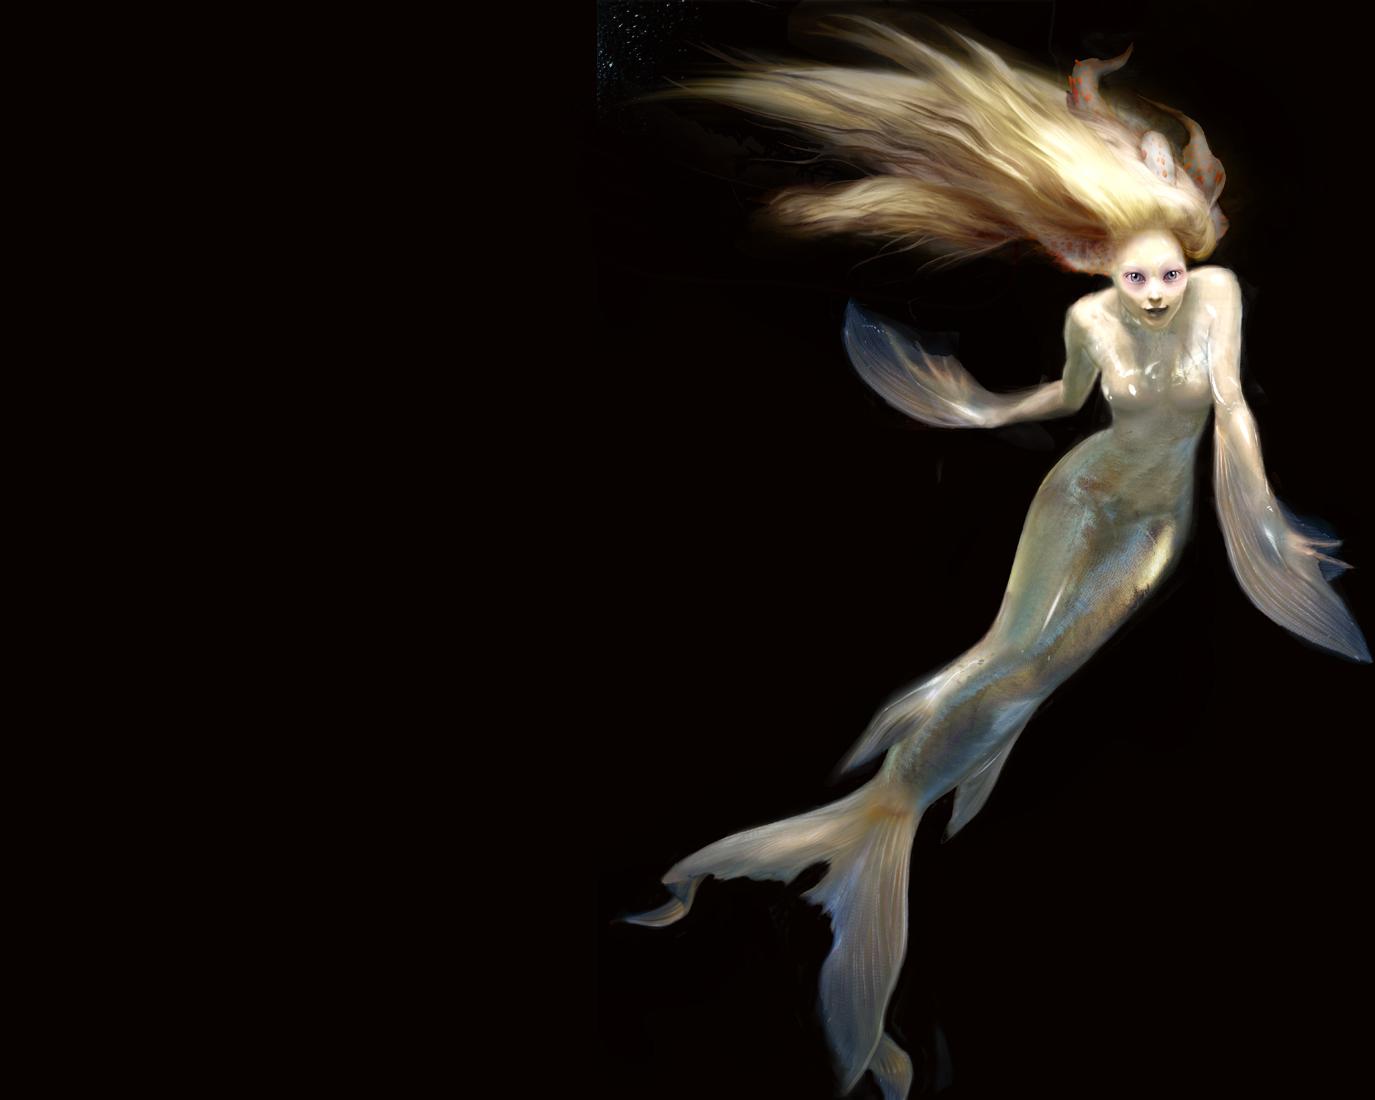 Fondos De Pantalla Sirenas Fantasía Chicas Descargar Imagenes